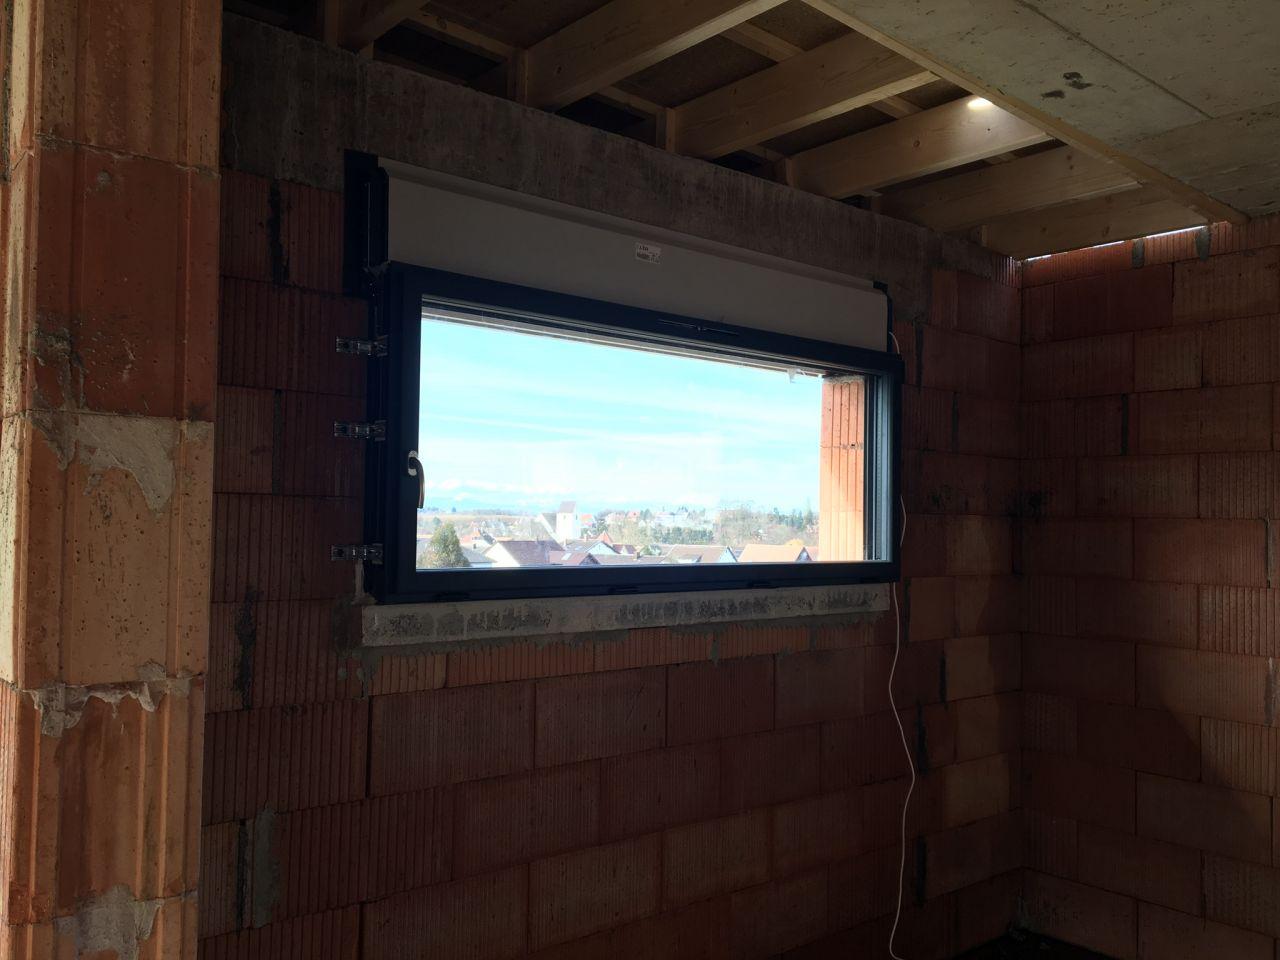 fenêtre coin tv